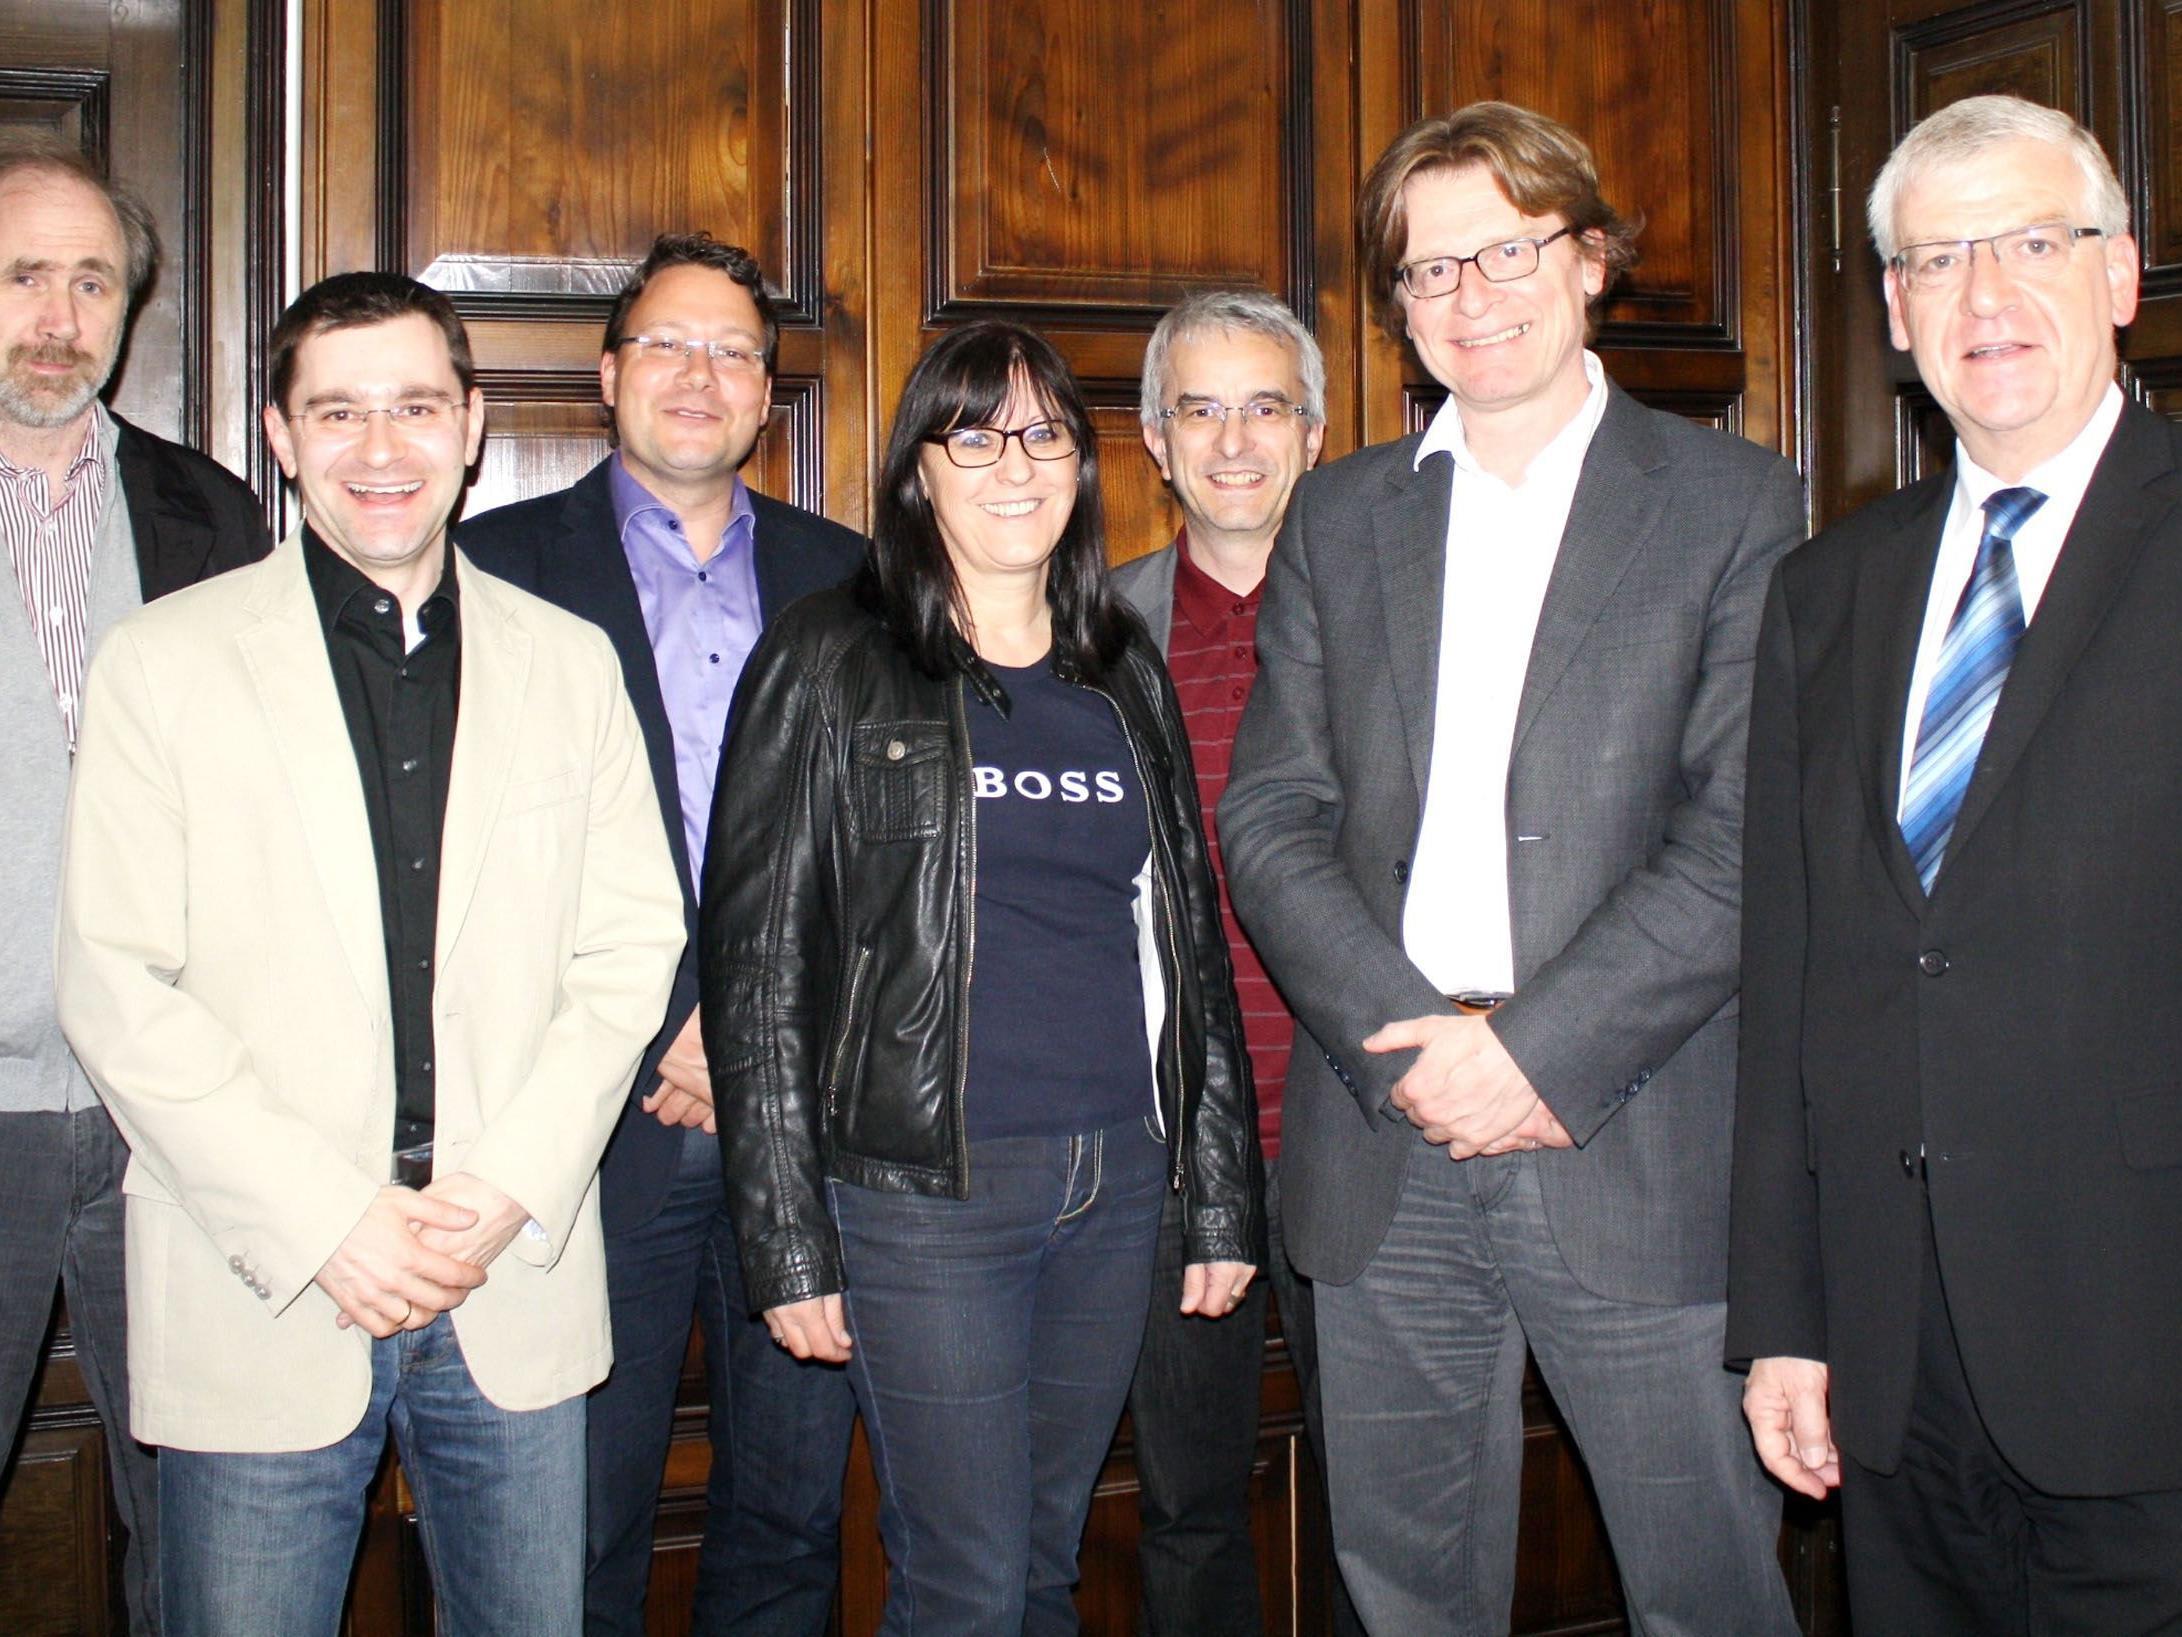 Der neue VÖV-Generalsekretär Gerhard Bisovsky (2. von rechts) bei seinem Antrittsbesuch.